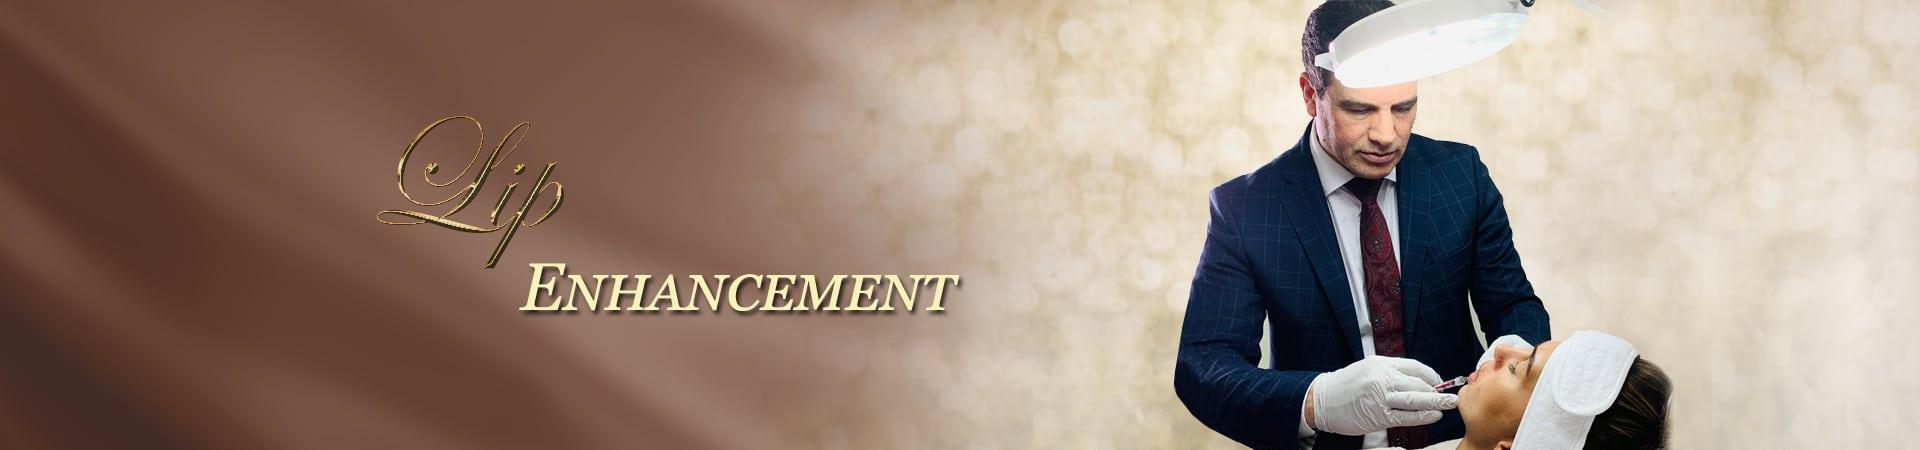 lip enhancement - banner